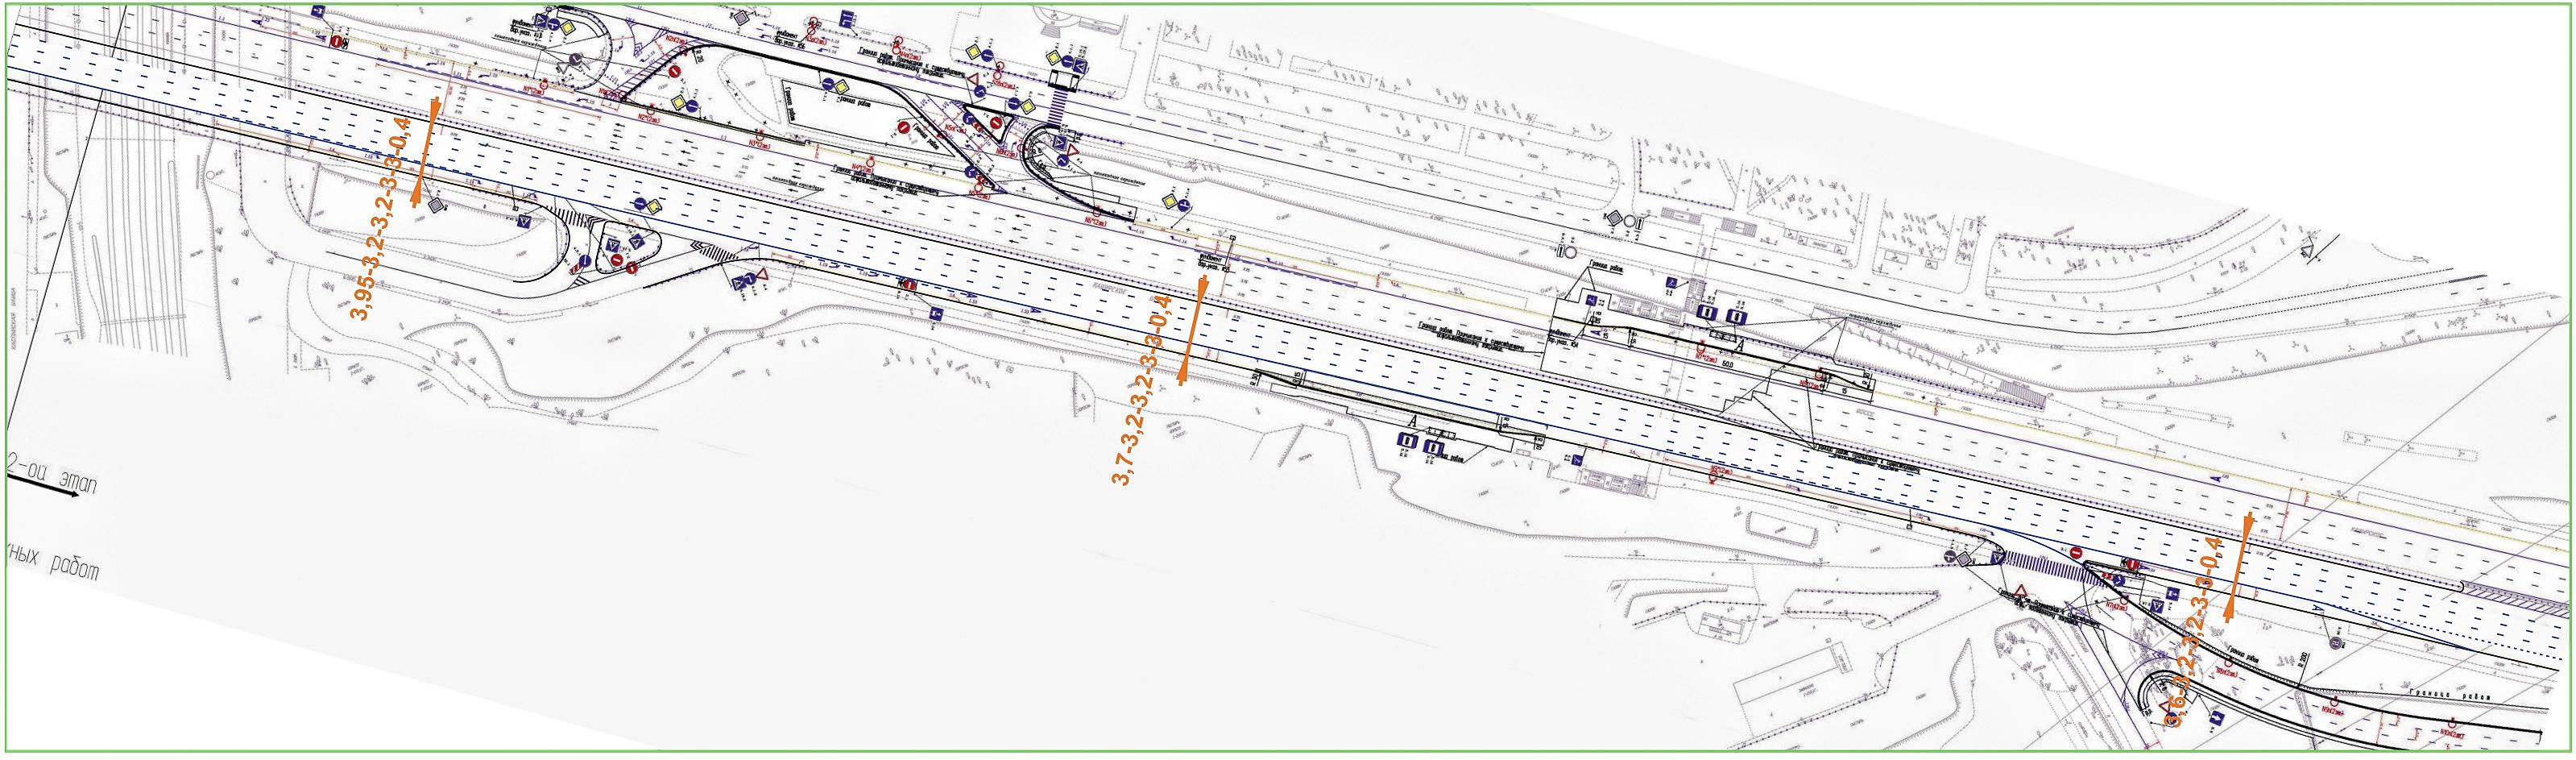 Южная рокада подробная схема 2016 борисовские пруды фото 674